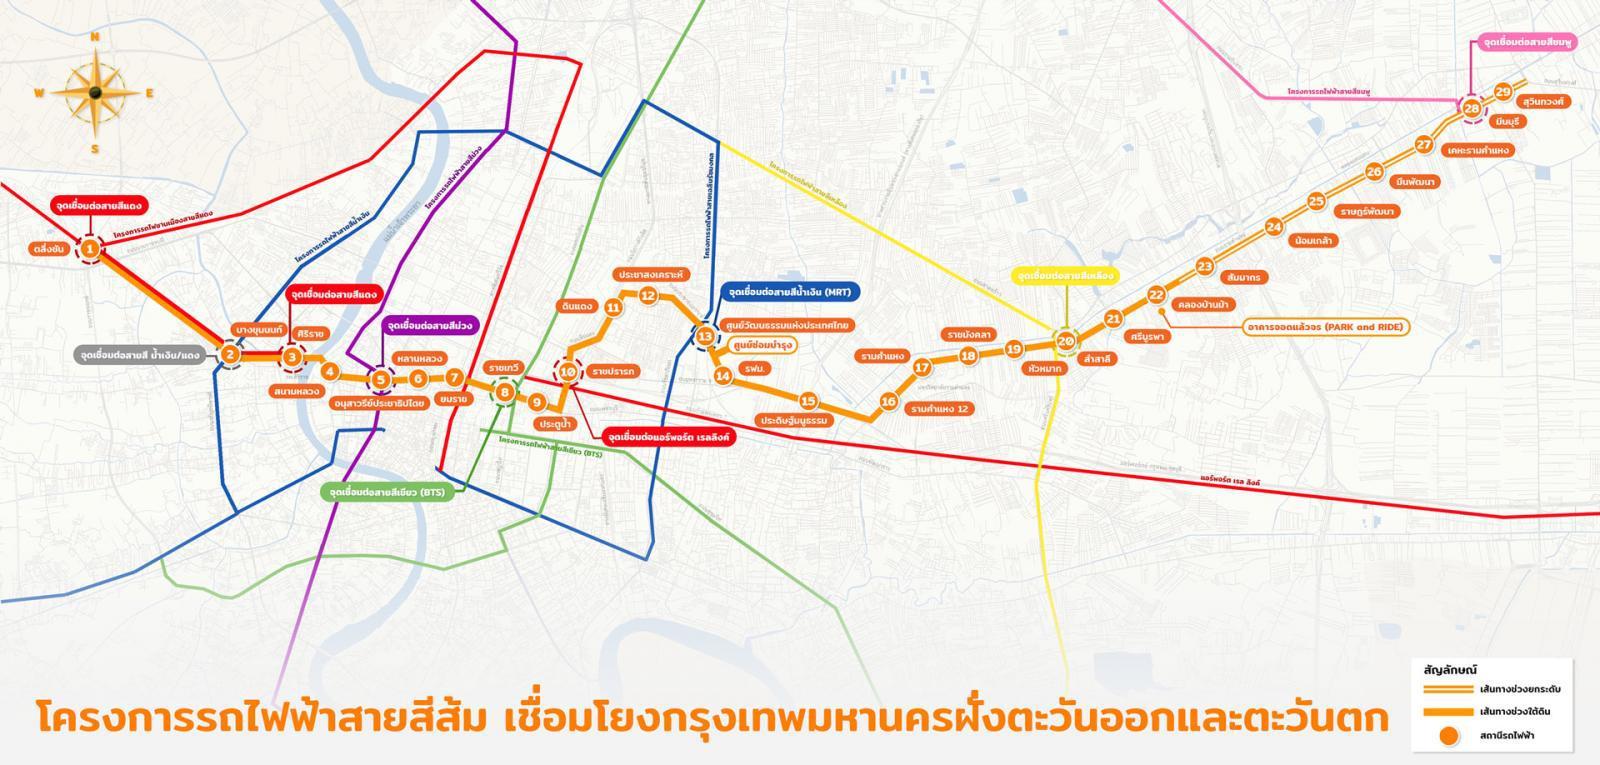 """""""รถไฟฟ้าสายสีส้ม"""" แก้รถติดเชื่อมชานเมืองสู่กลางเมือง"""